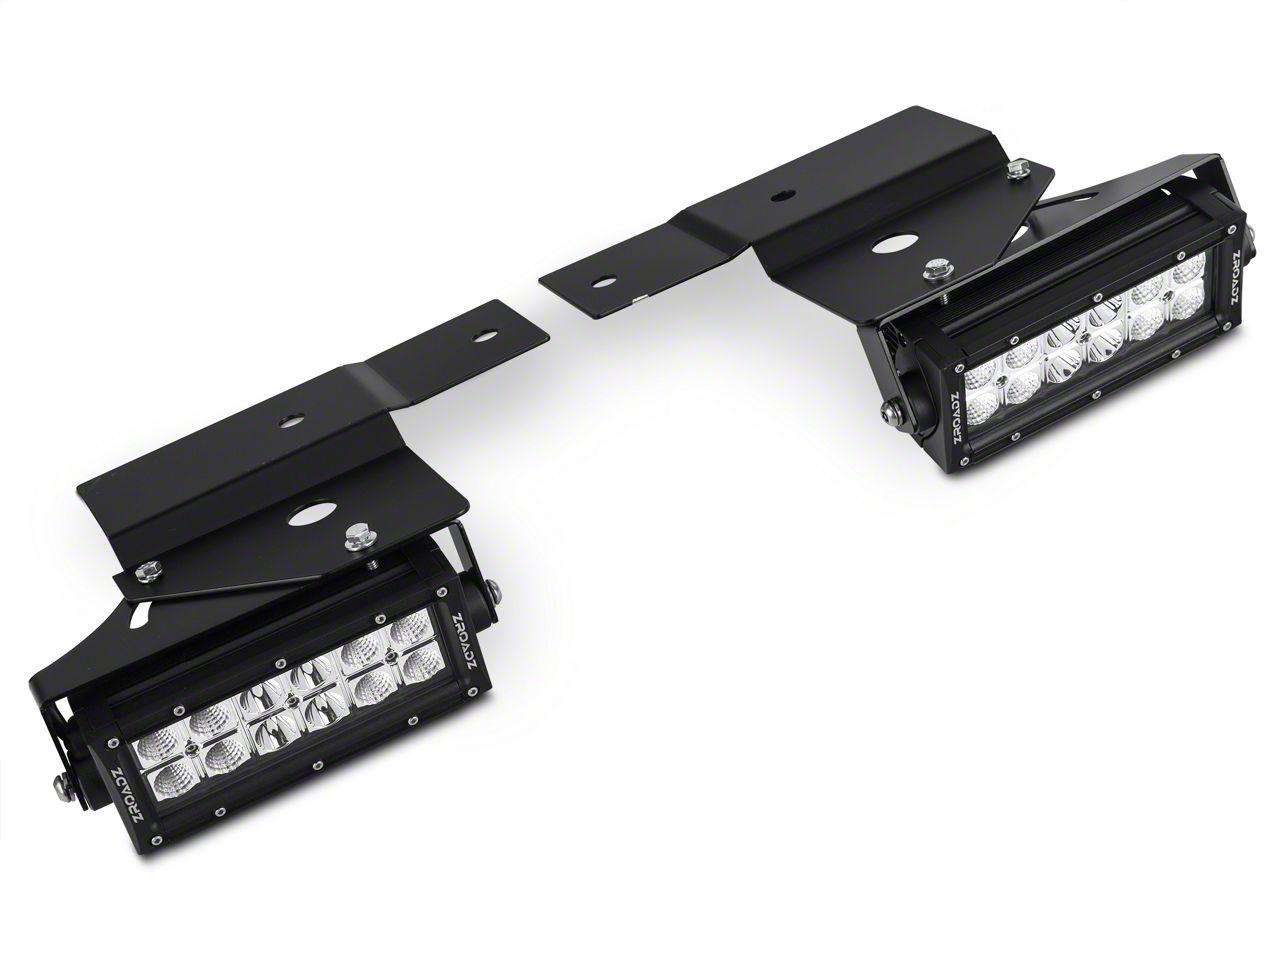 ZRoadz Two 6 in. LED Light Bars w/ Fog Light Mounting Brackets (10-14 F-150 Raptor)